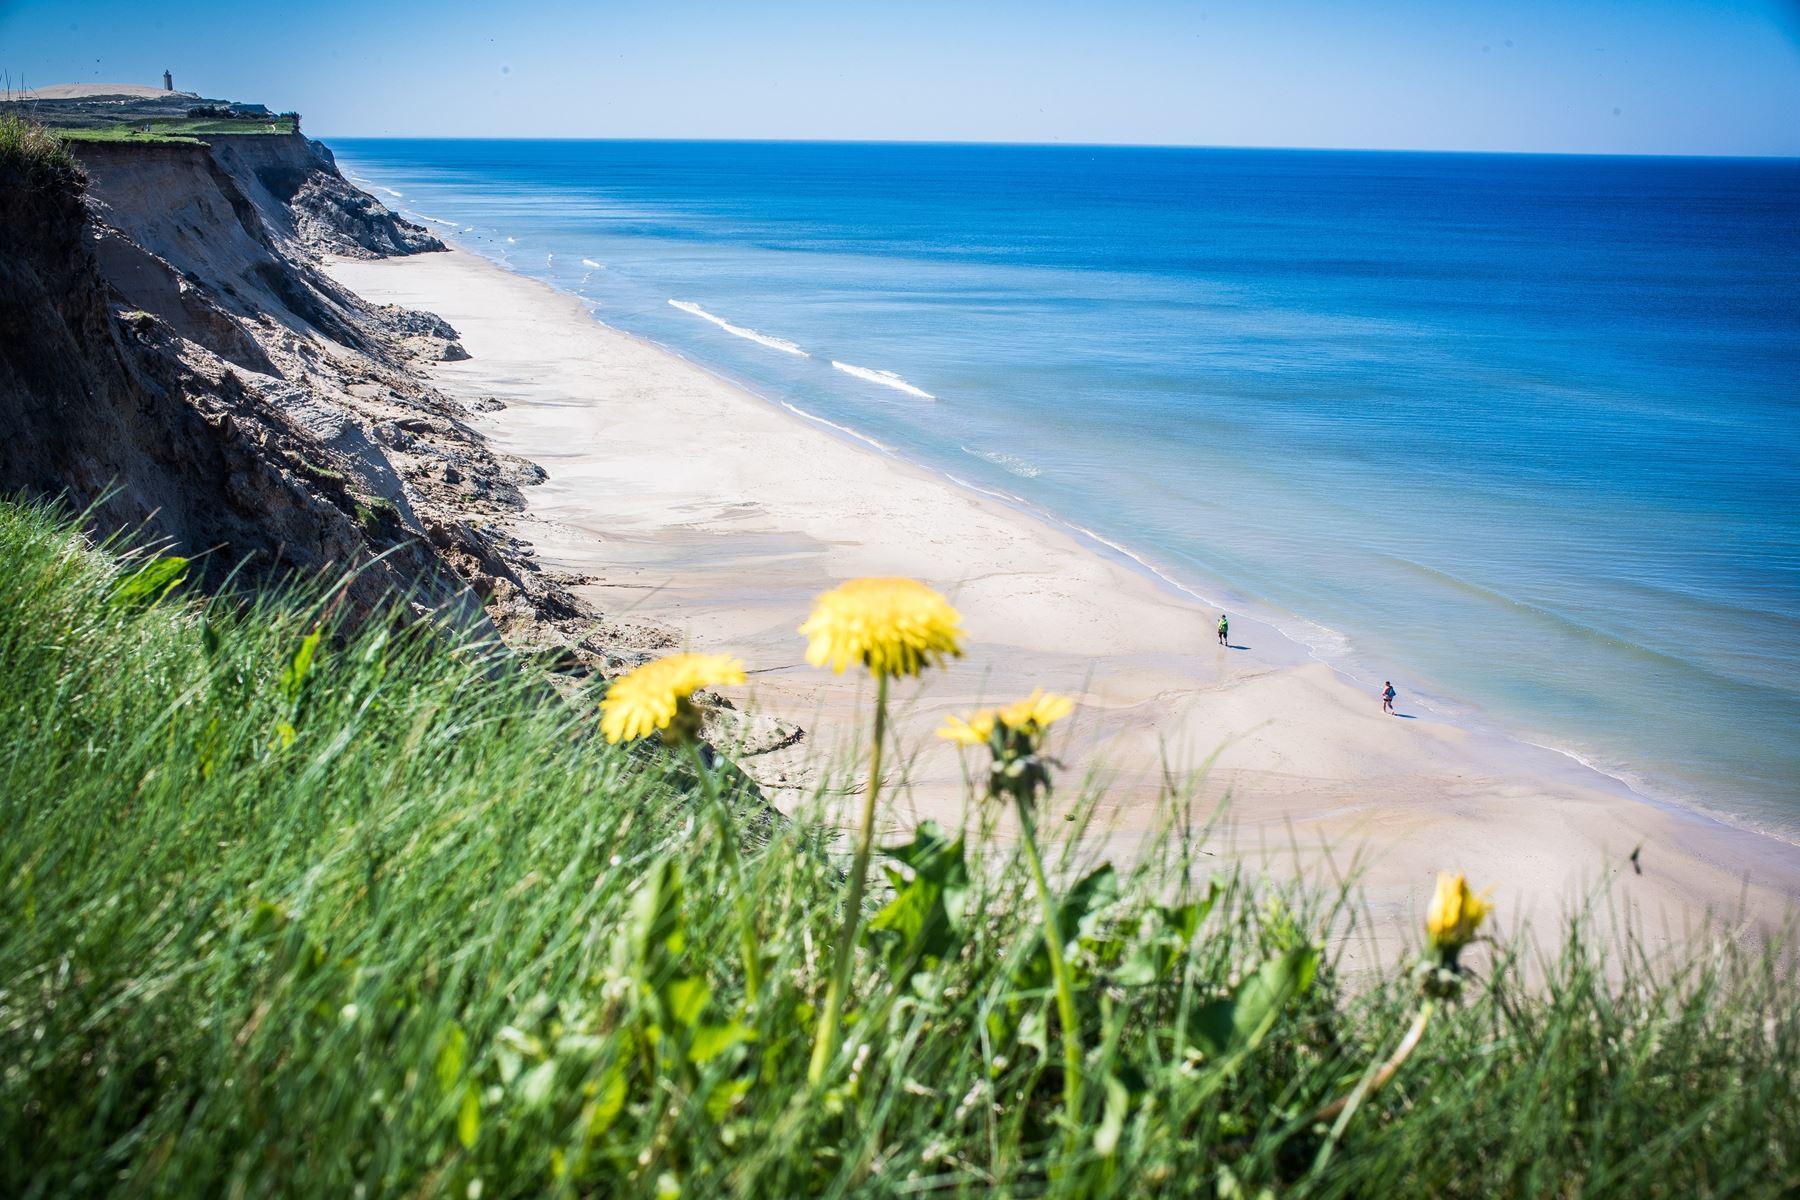 Sommerhusejere søger igen - håber på større forståelse for hård kystsikring hos ny miljøminister